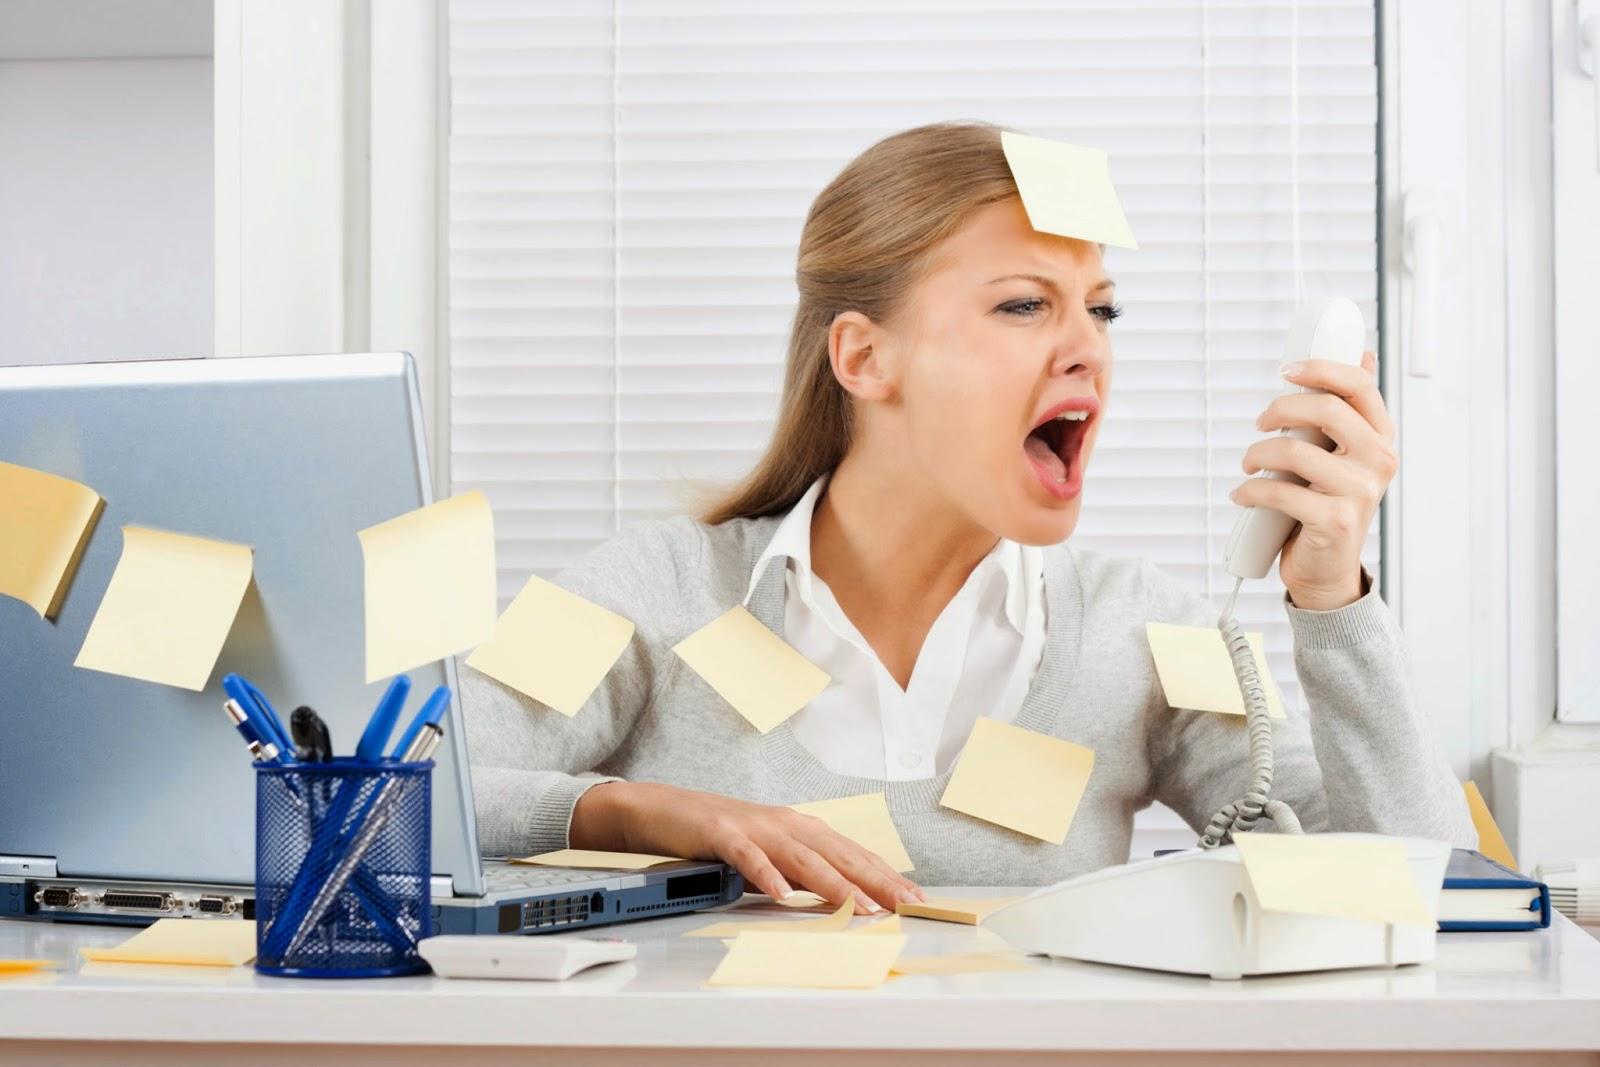 Gestão do Stress no Ambiente de trabalho